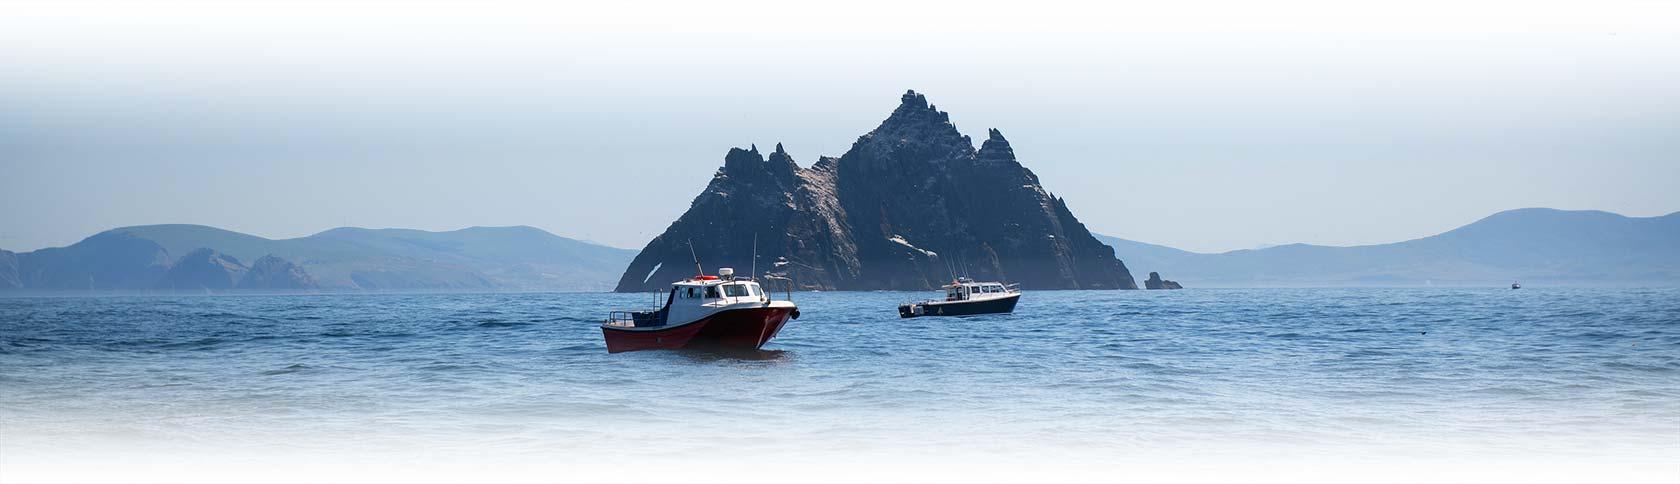 Skellig boats